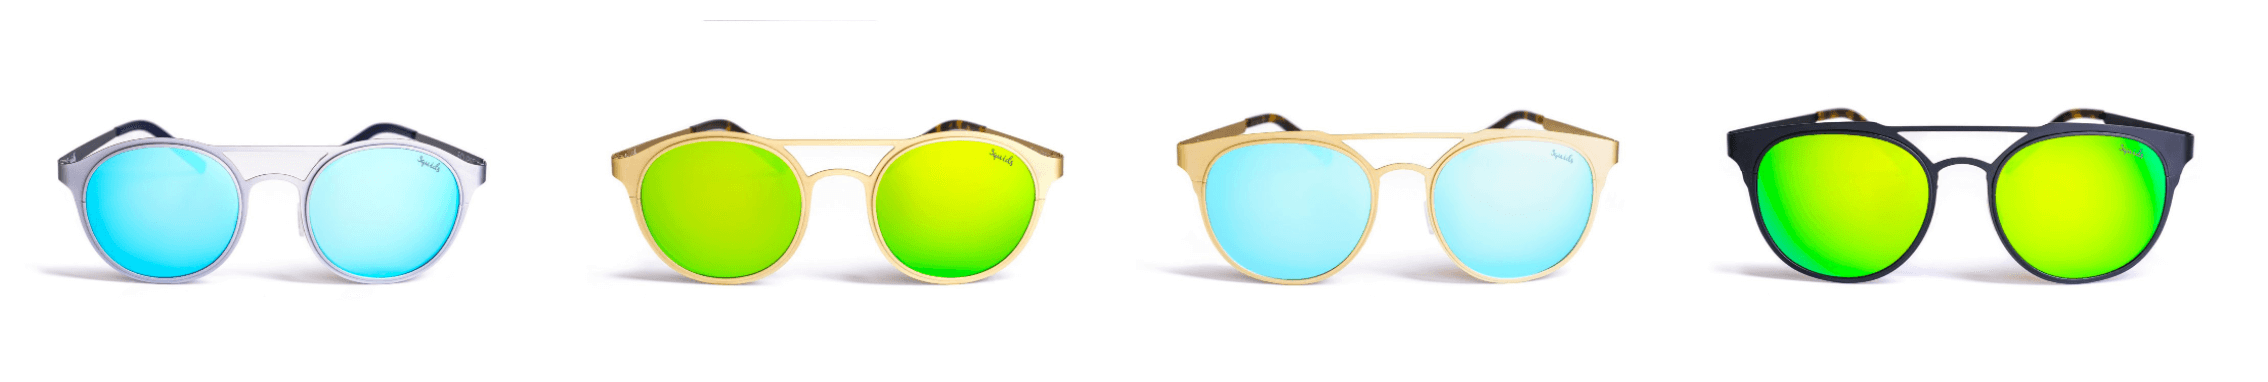 b1f6204d55 ... por lo que los filtros de las micas polarizadas son de alta calidad, de  modo que puedes usarlas en el sol sin temer a que dañen tus ojos.